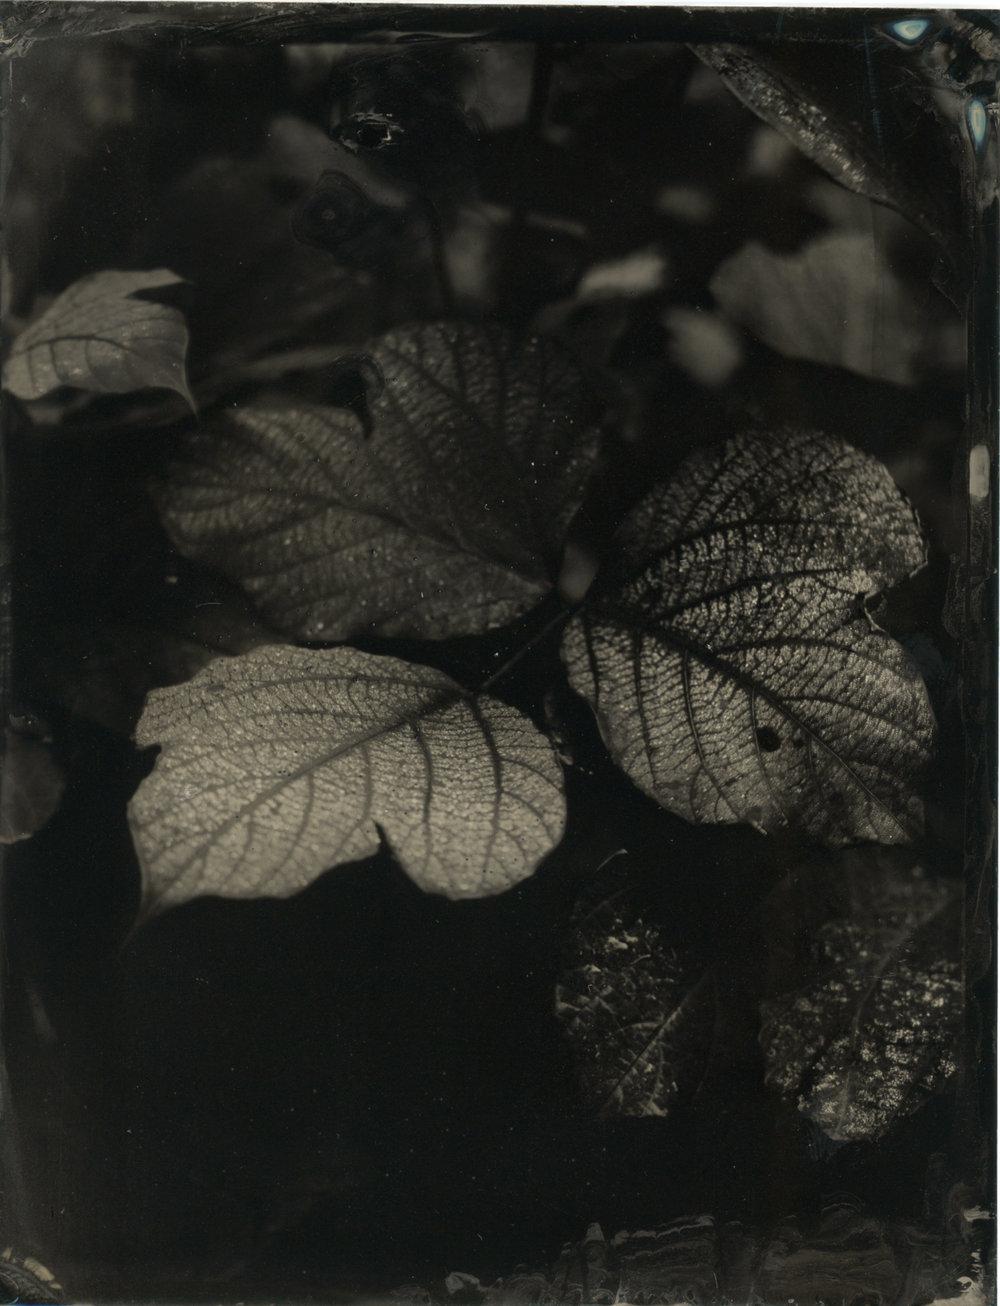 CollodionLandscapes-48.JPG